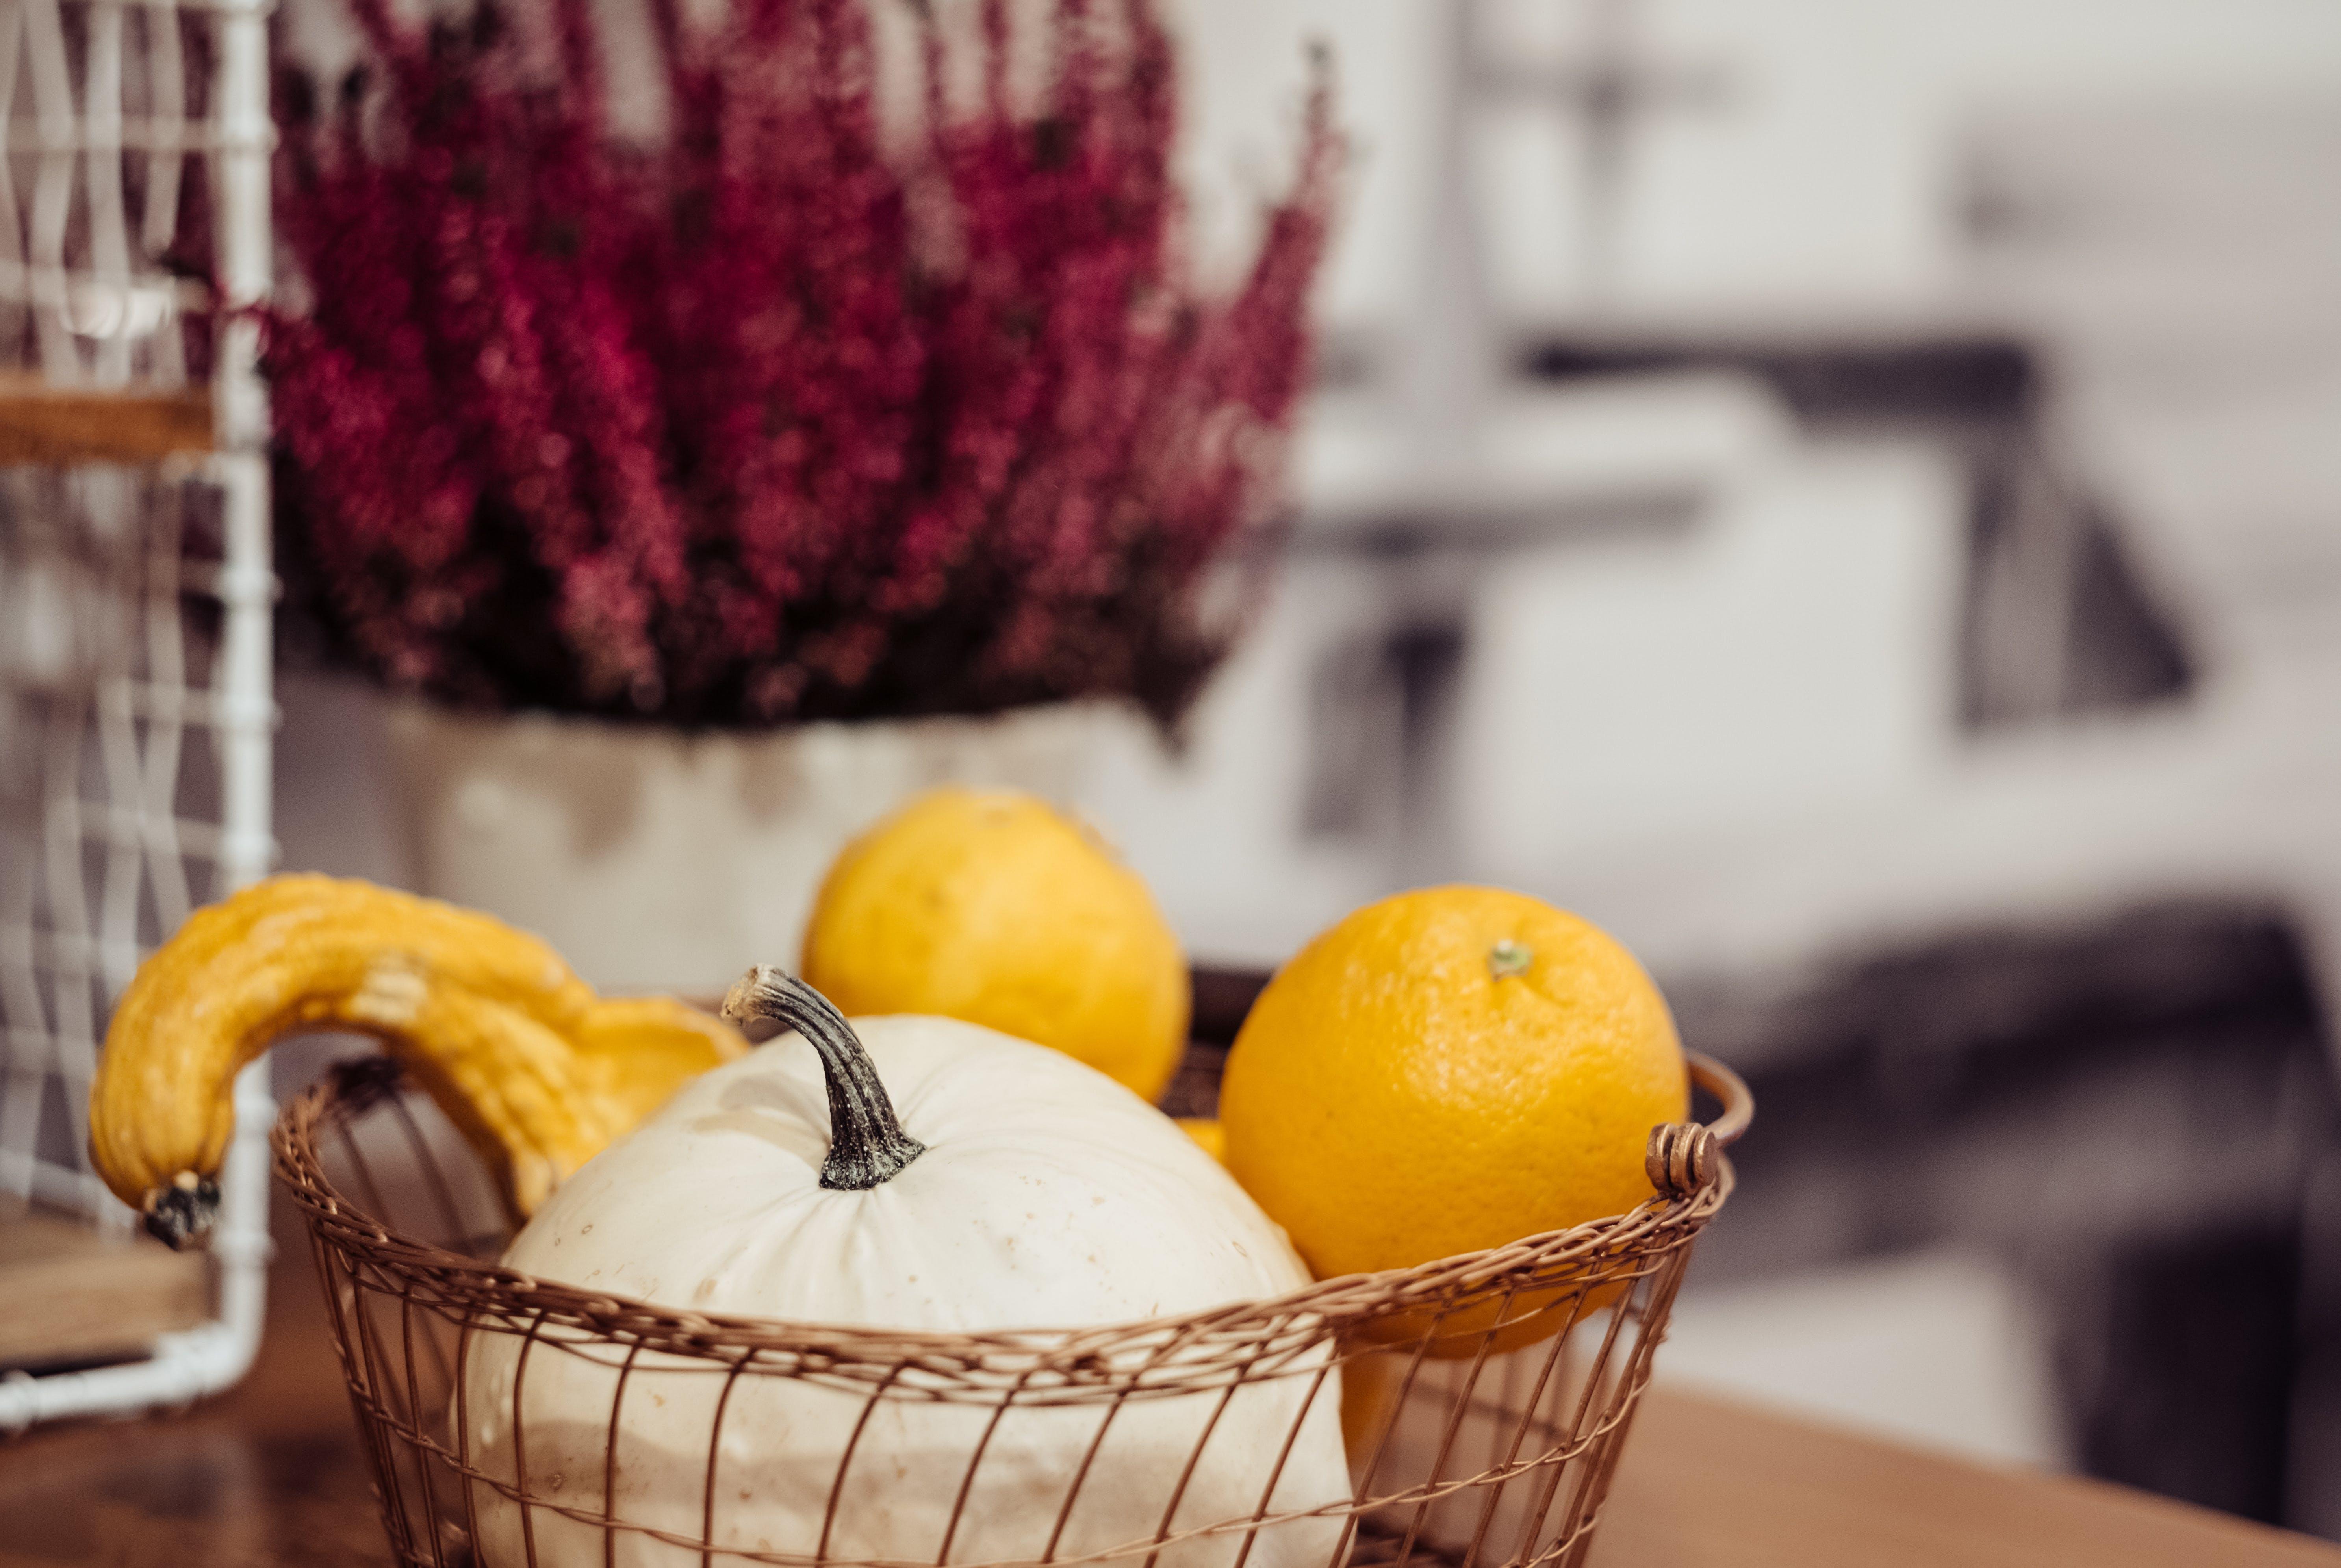 Kostnadsfri bild av apelsin, färger, färsk, frukt